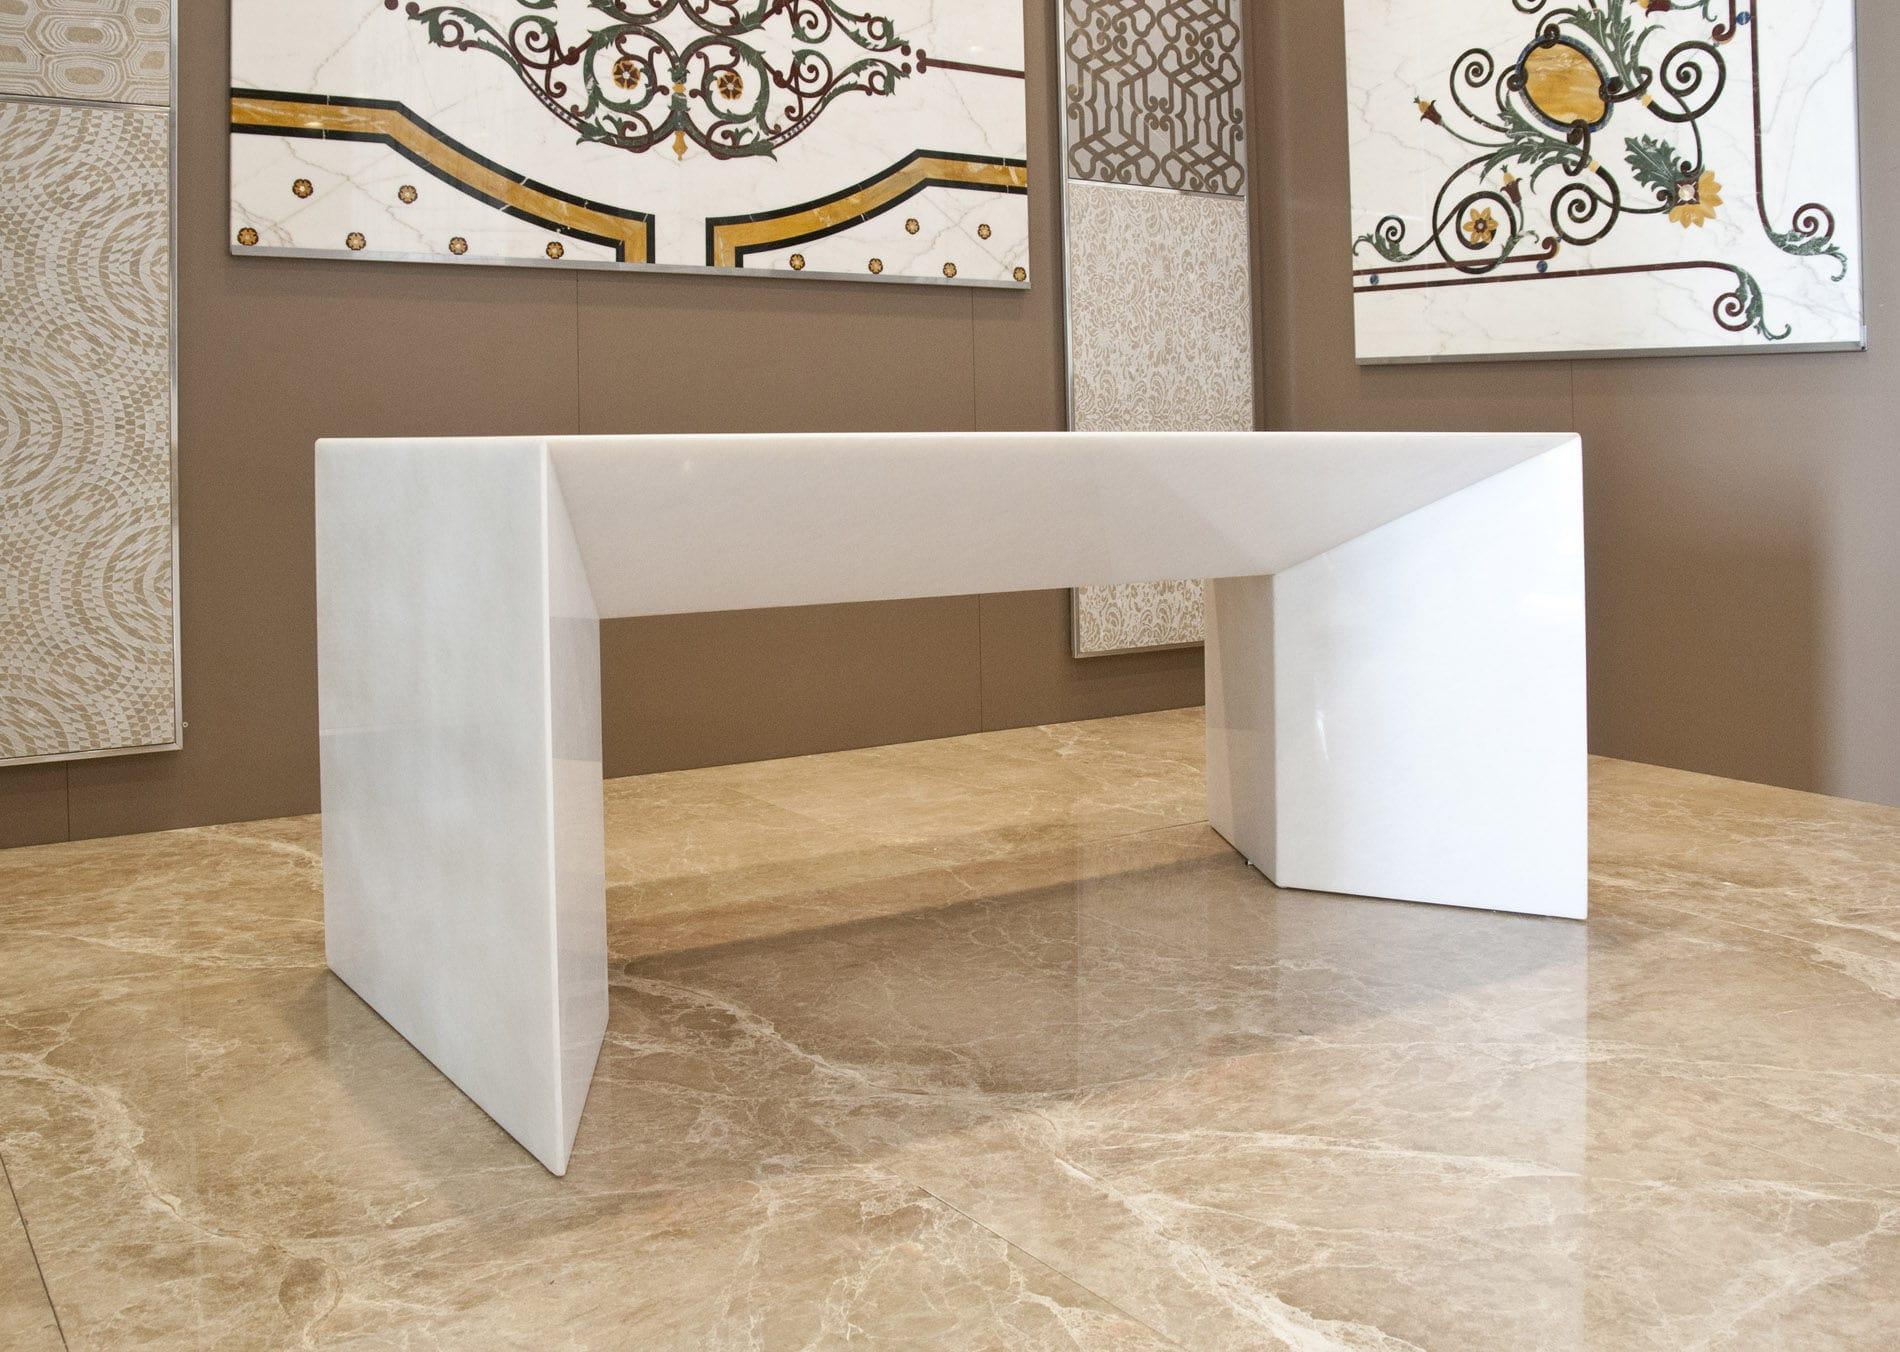 Table marbre table basse et chaise de bureau occasion en france